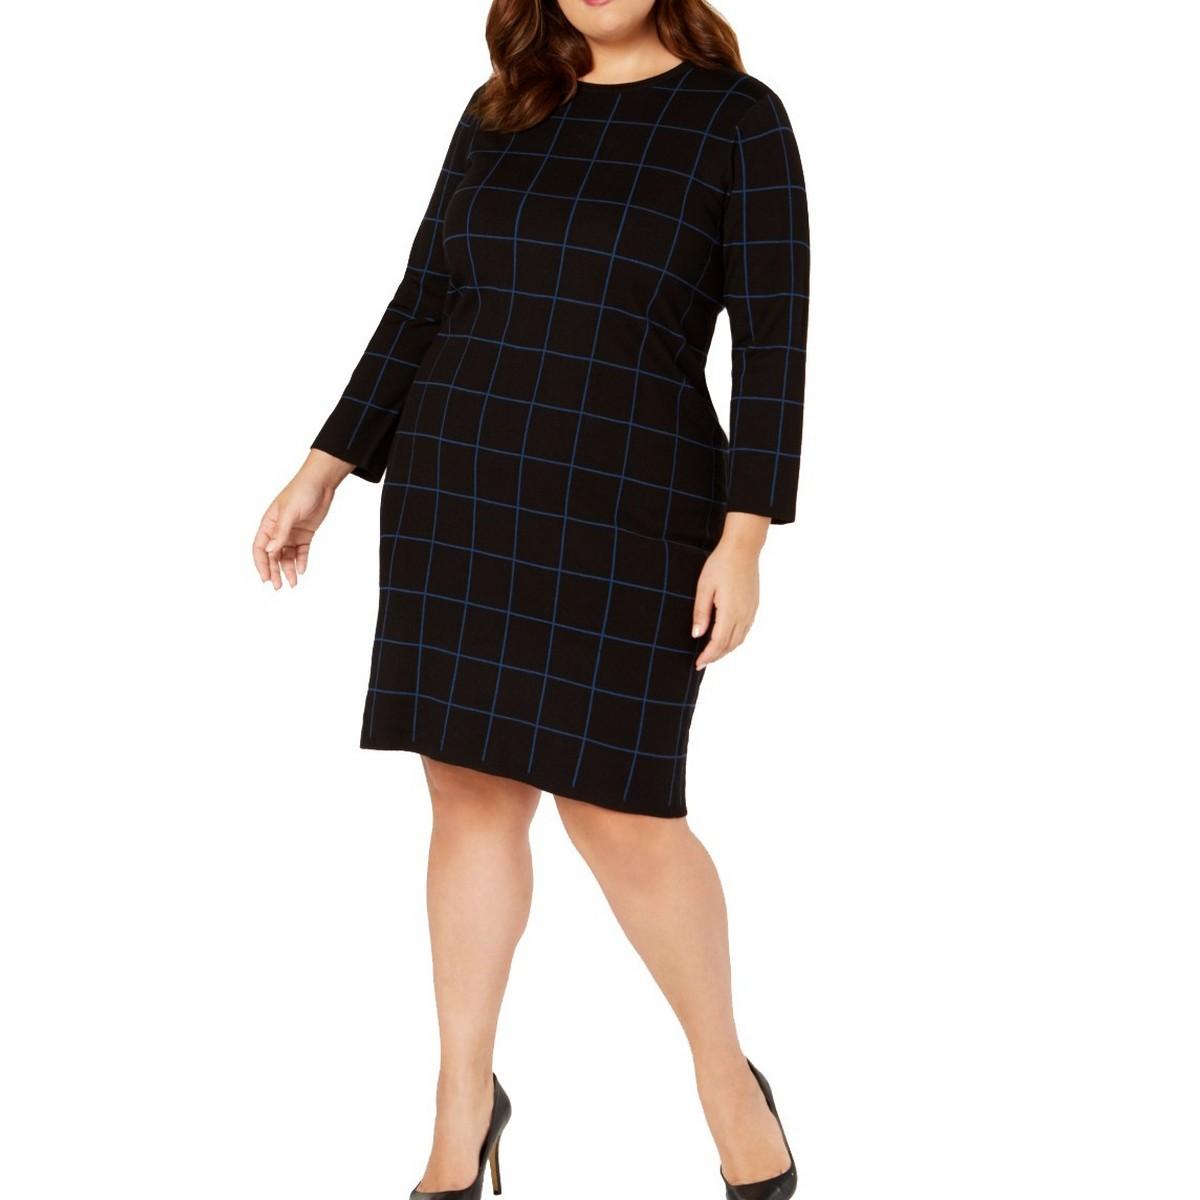 Details about ANNE KLEIN NEW Women\'s Plus Size Long Sleeve Sheath Sweater  Dress TEDO